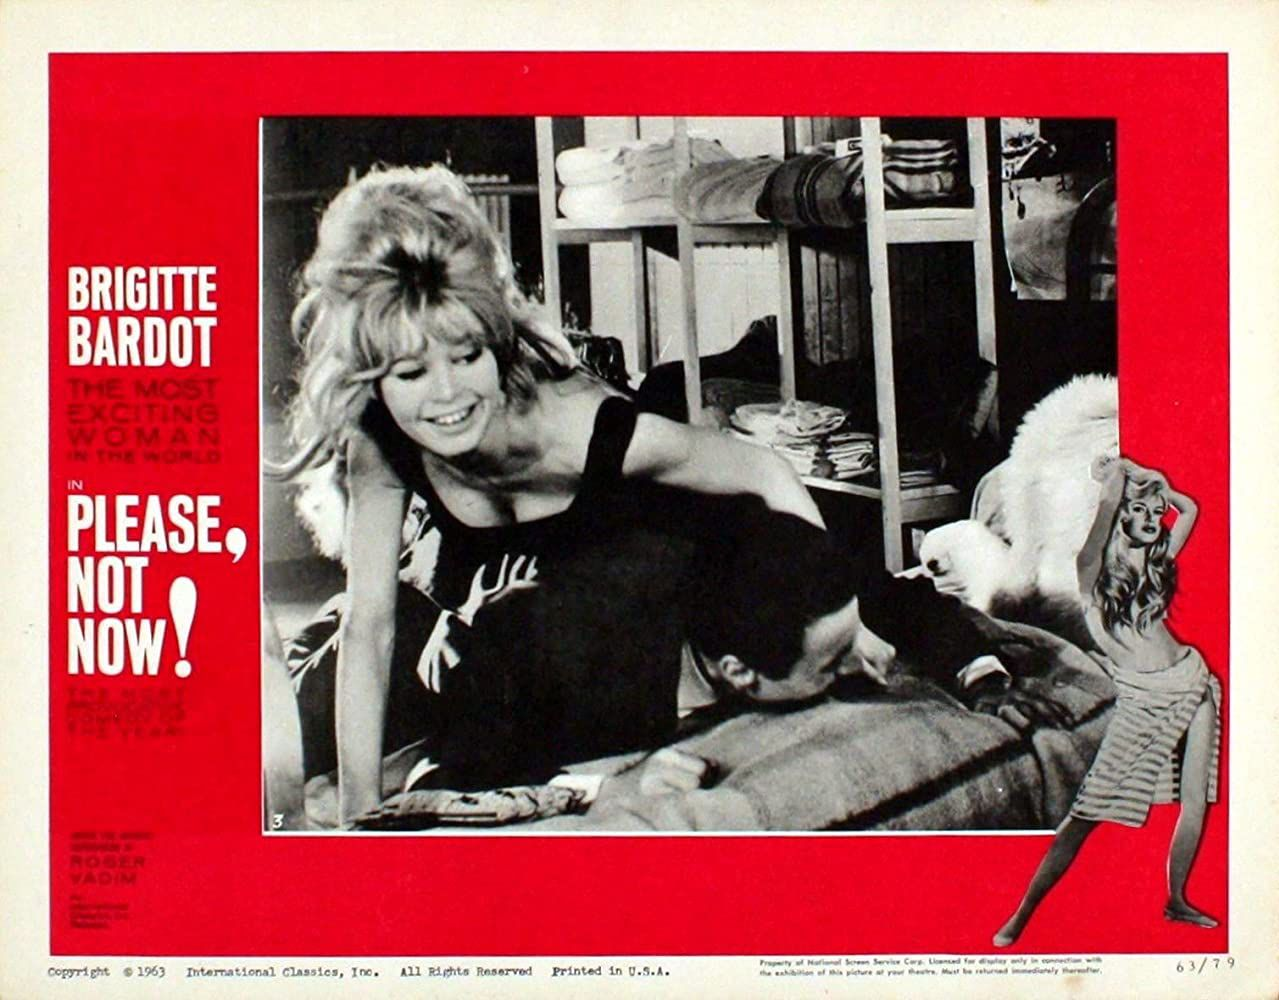 Filmographie Brigitte Bardot : La Bride sur le cou